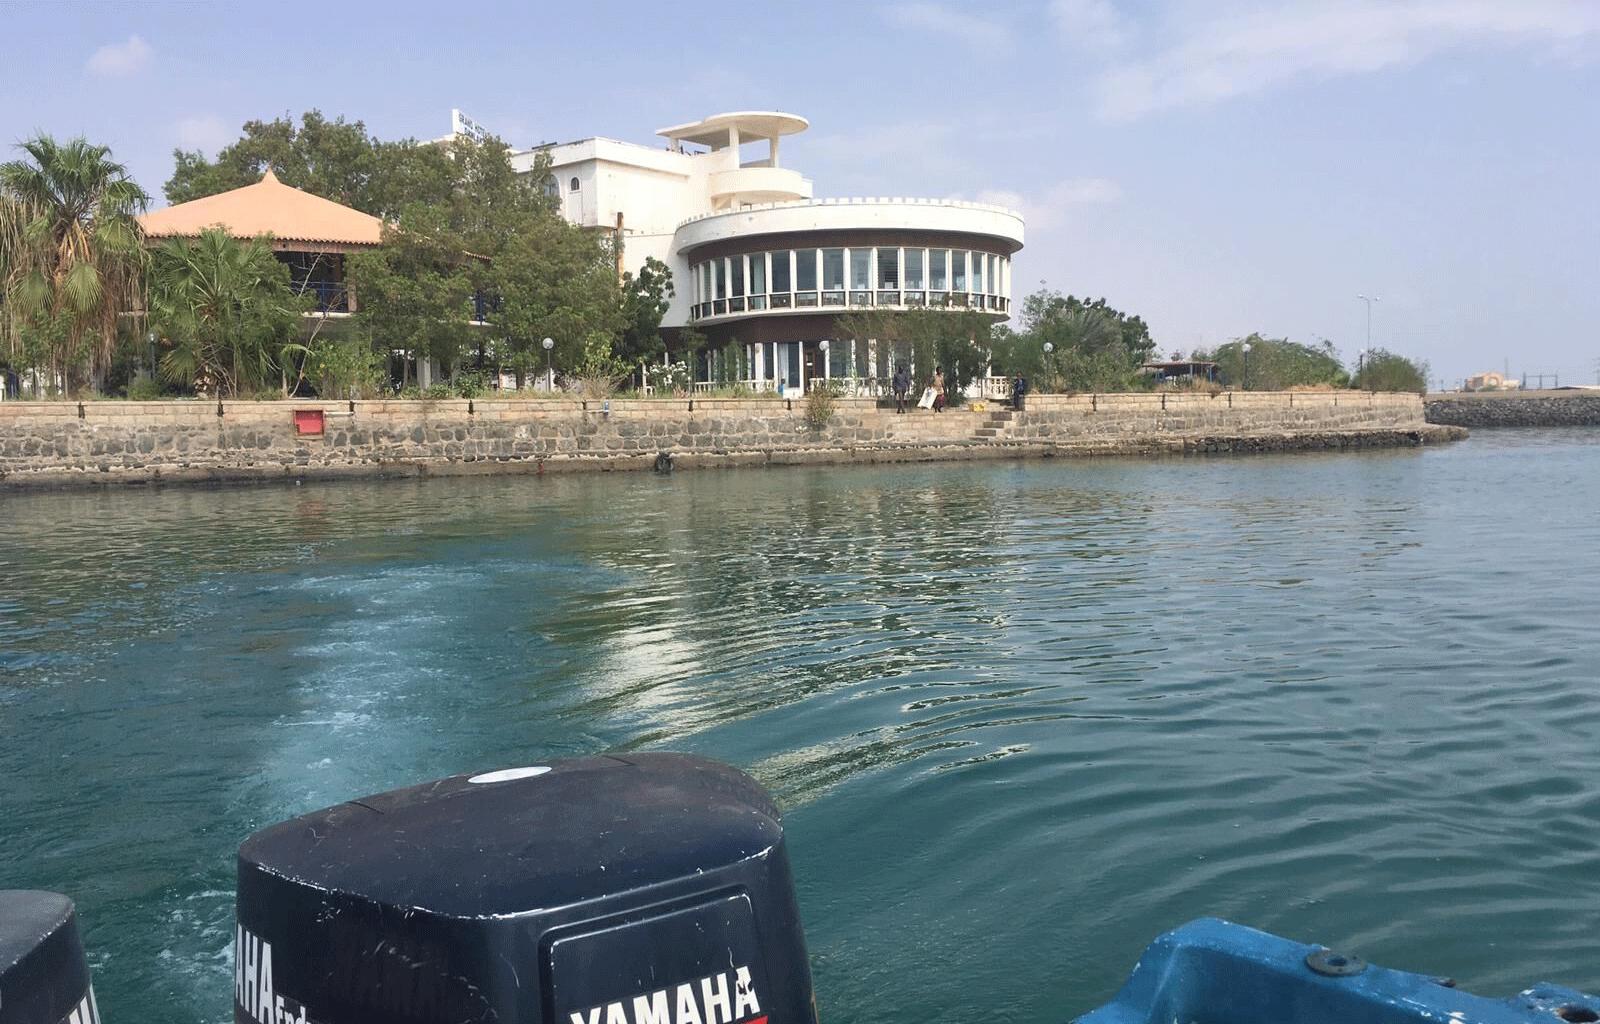 Eritrea-Dahlak-Hotel-Boat